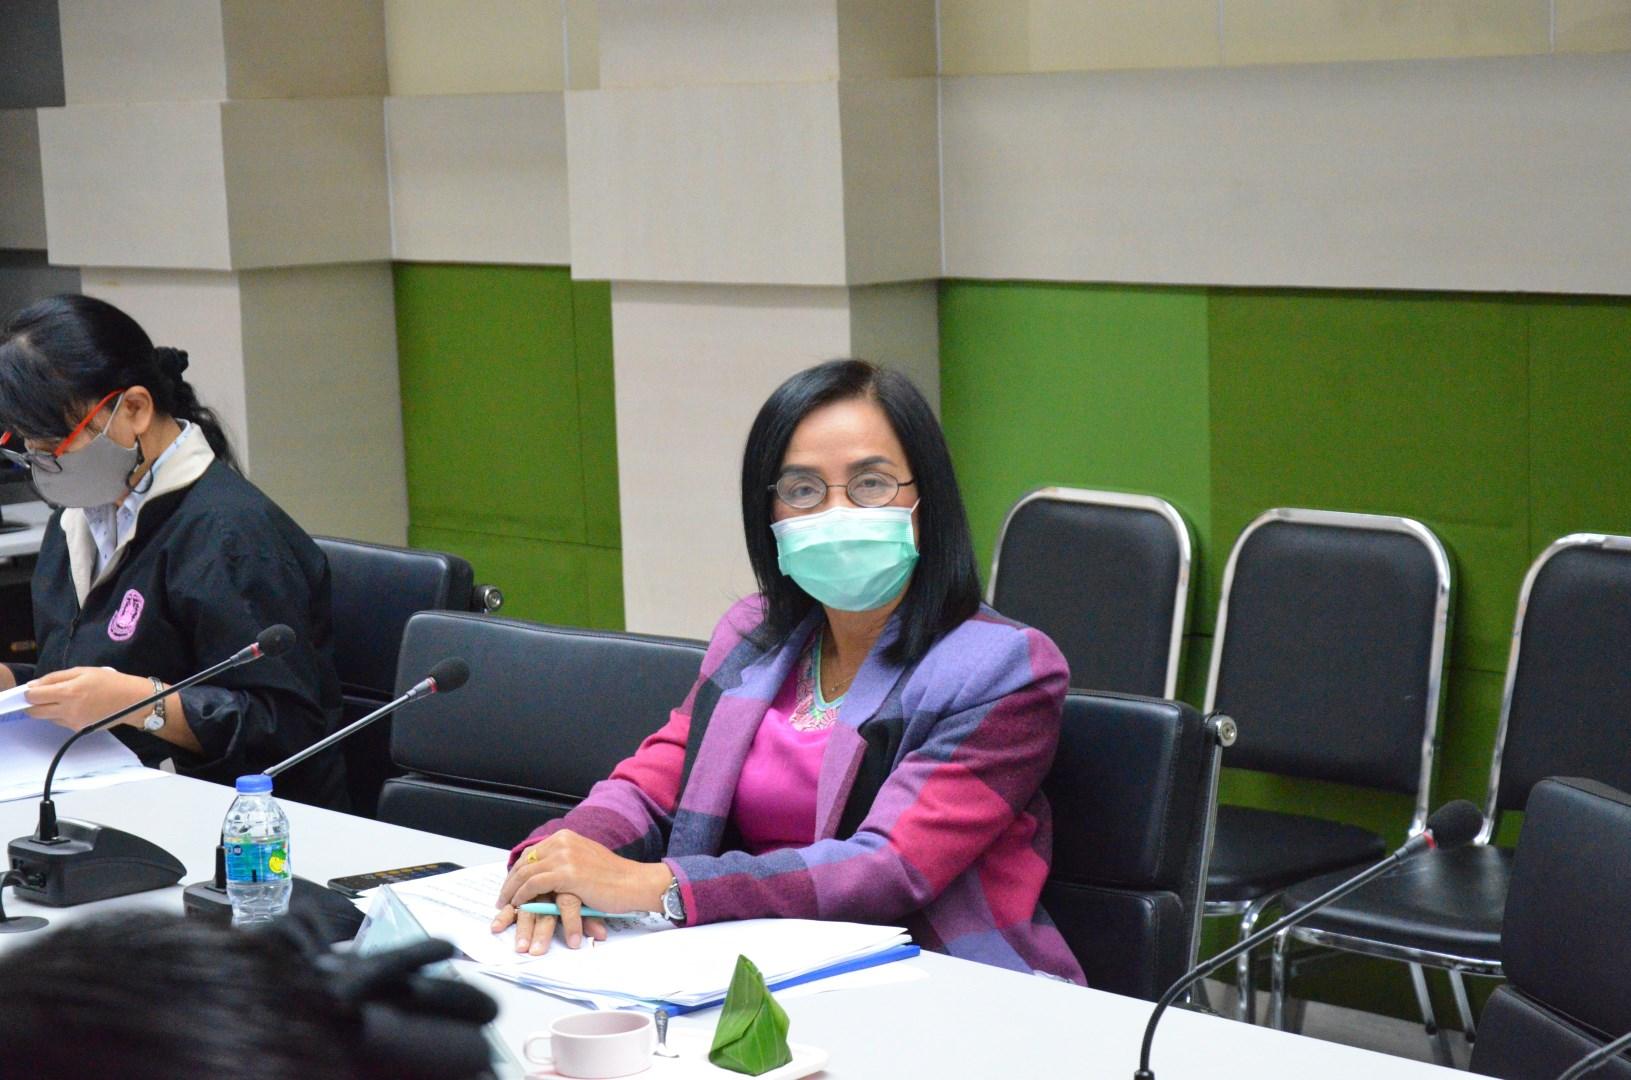 สรจ.มุกดาหาร ร่วมประชุมคณะอนุกรรมการศูนย์ปฏิบัติการป้องกันและปราบปรามการค้ามนุษย์จังหวัดมุกดาหาร ครั้งที่ 1/2564